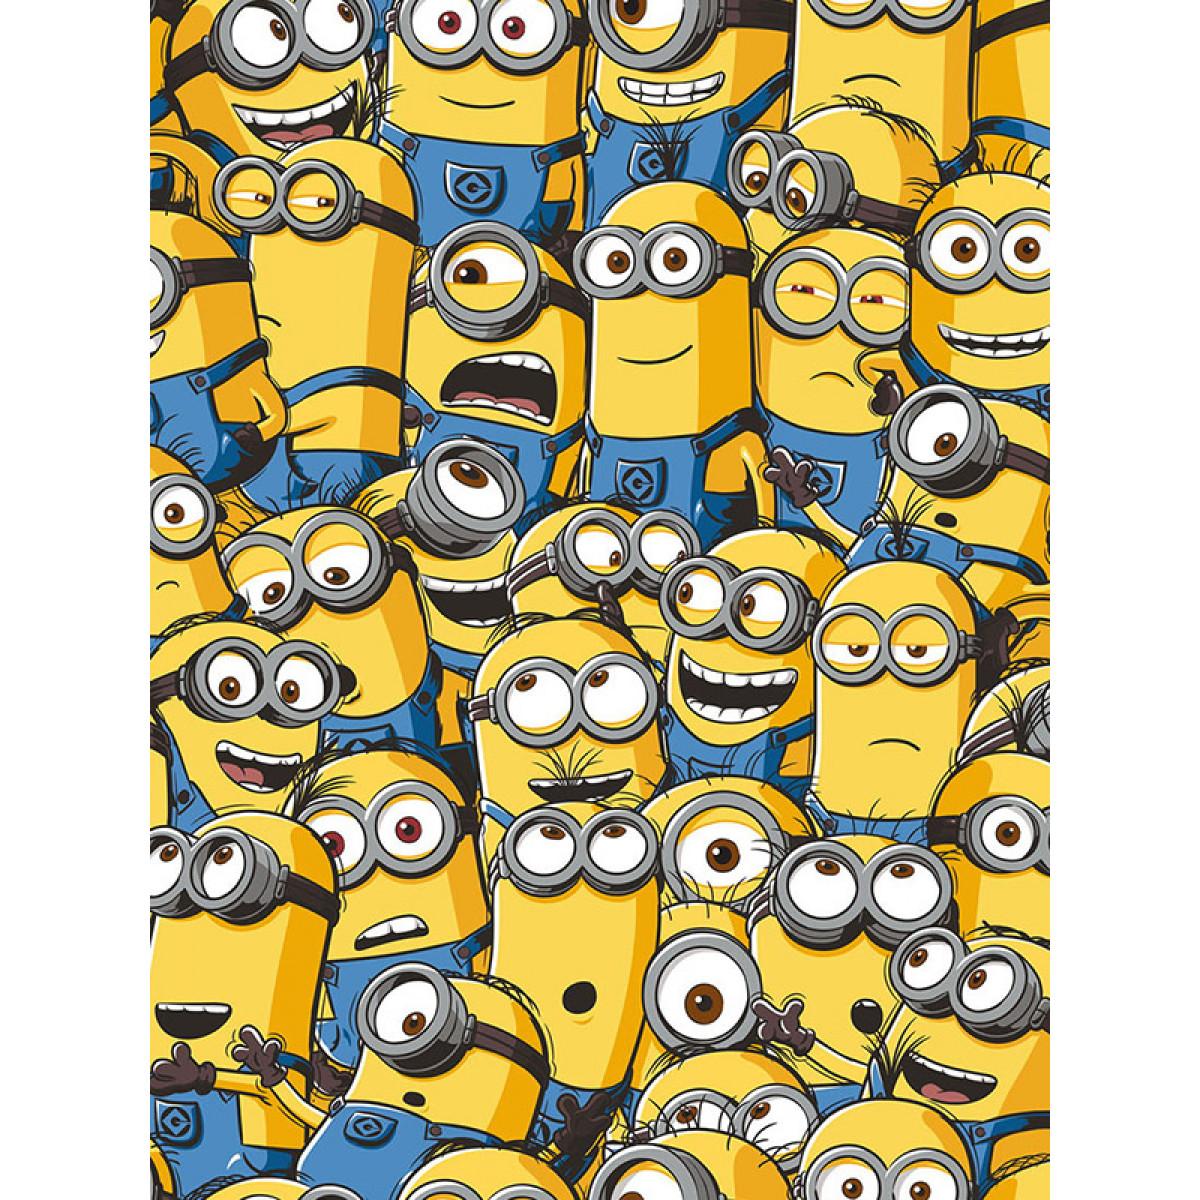 1 13793 despicable me sea of minions wallpaper minions wallpaper